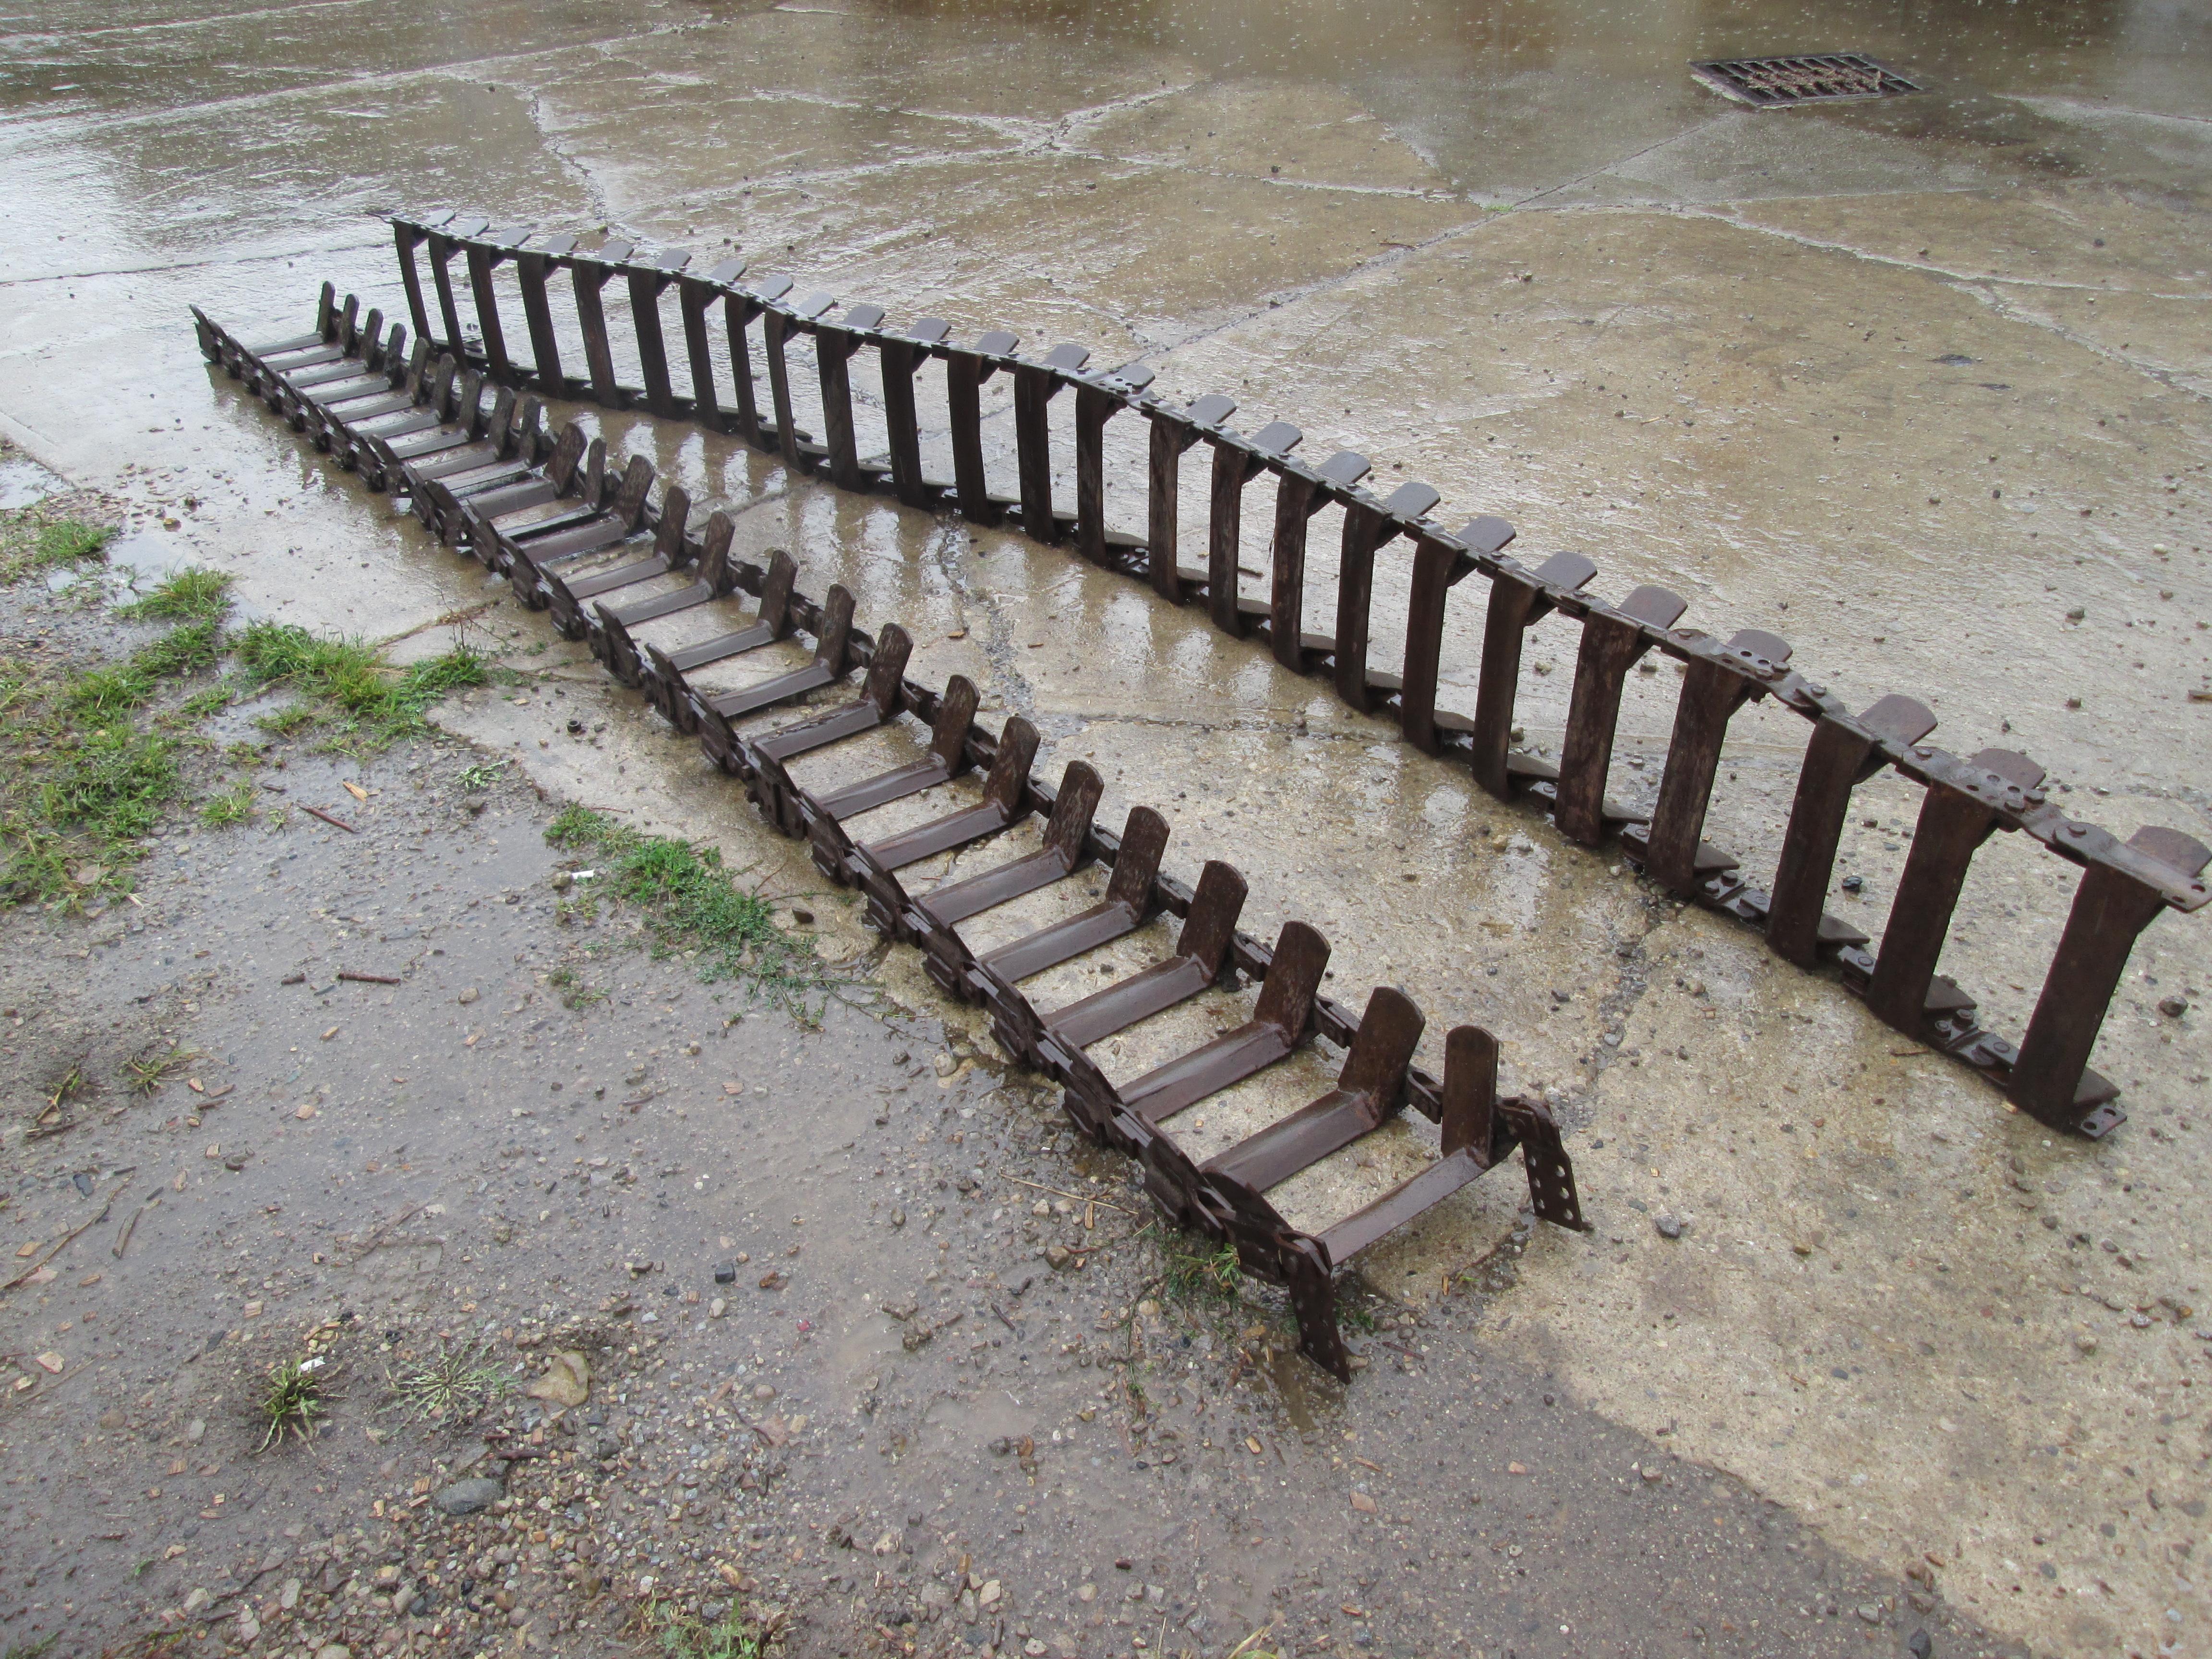 Gehl Skid Steer Tracks